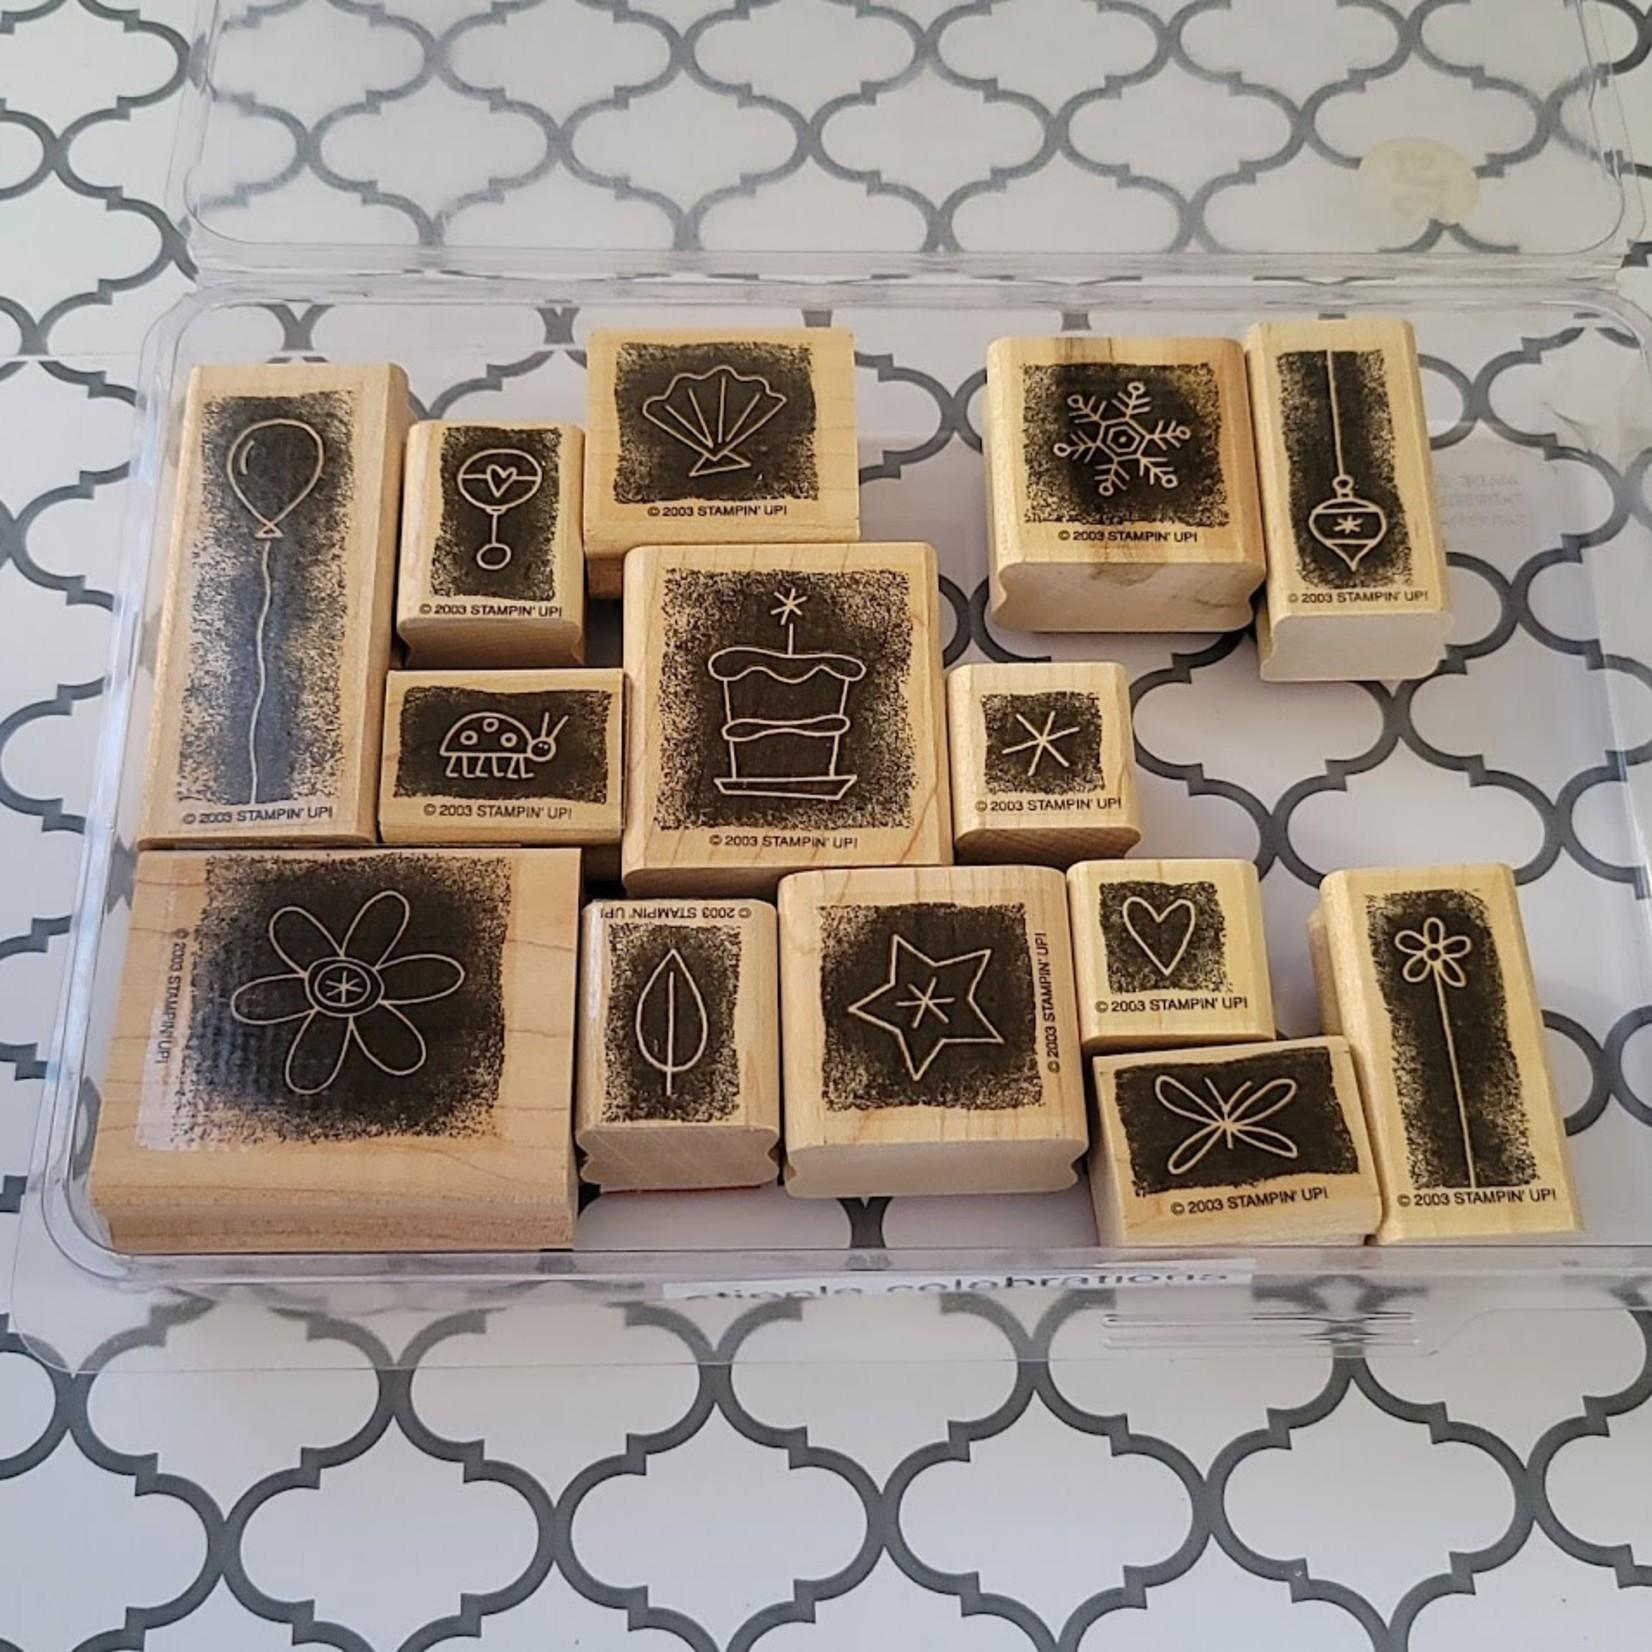 Stampin' Up Wooden Stamp Set - Stipple Celebrations